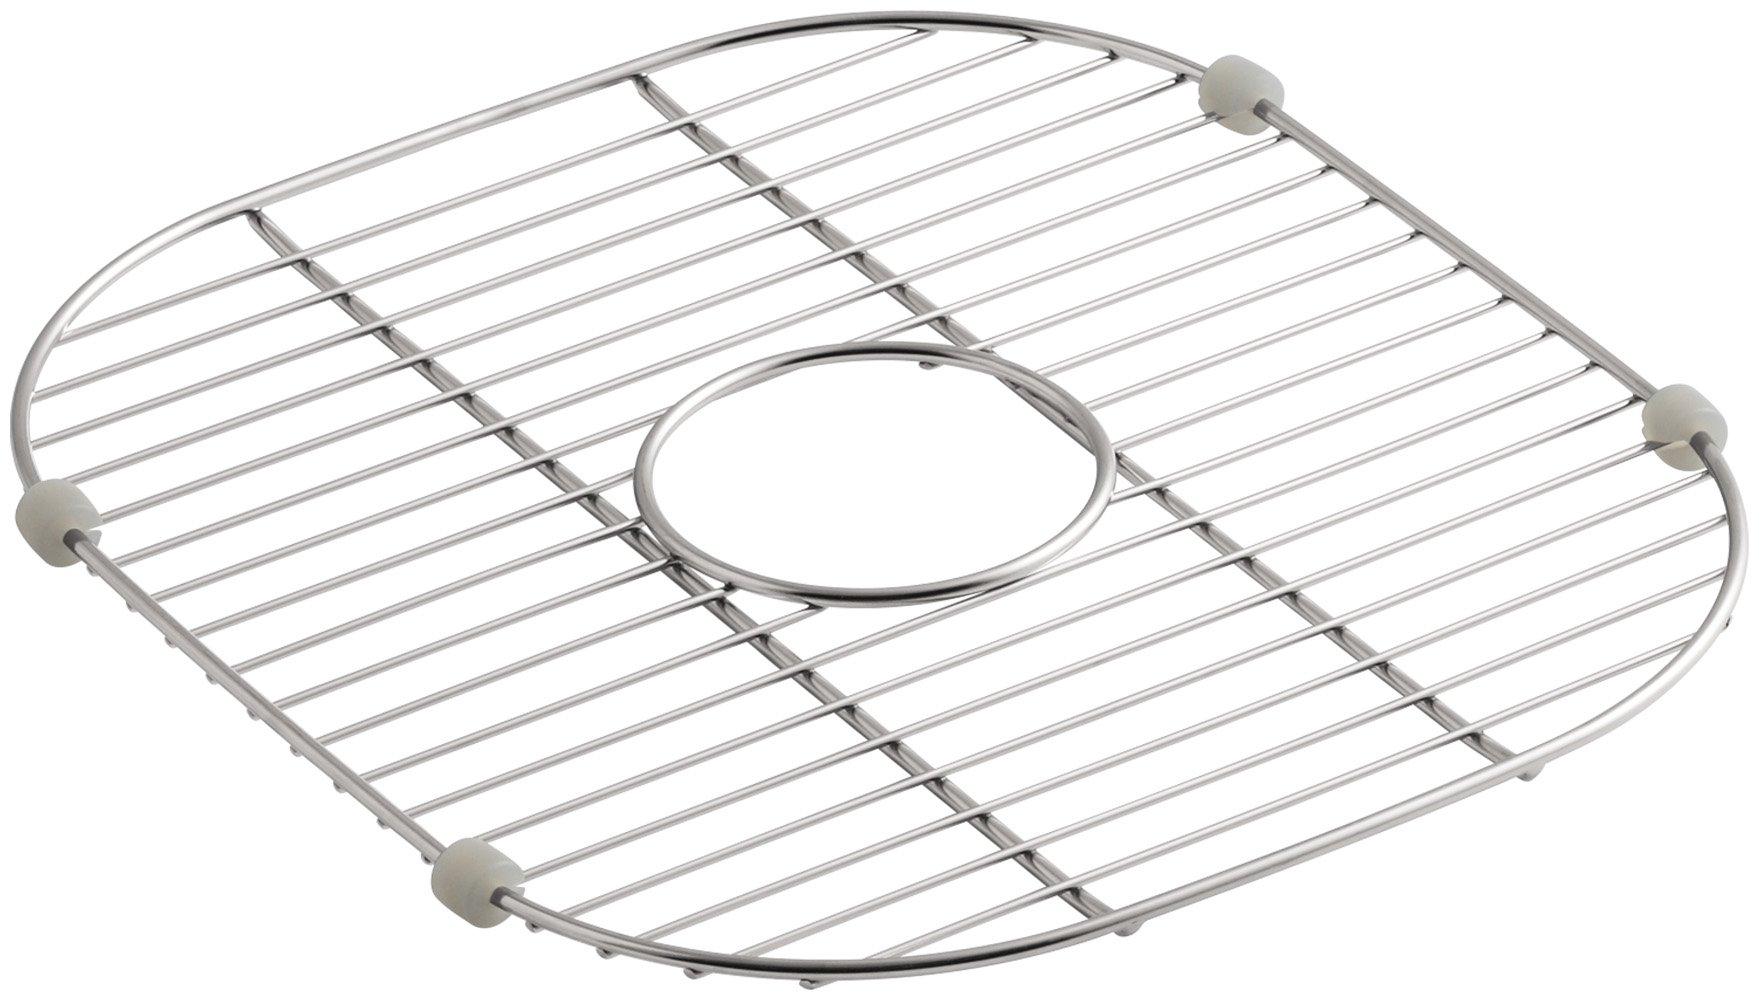 KOHLER 6390-ST Sink Rack, 13-1/2-Inch X 14-7/8-Inch for K-3356 Undertone and K-3356-Hcf Undertone Preserve Sinks, Stainless Steel